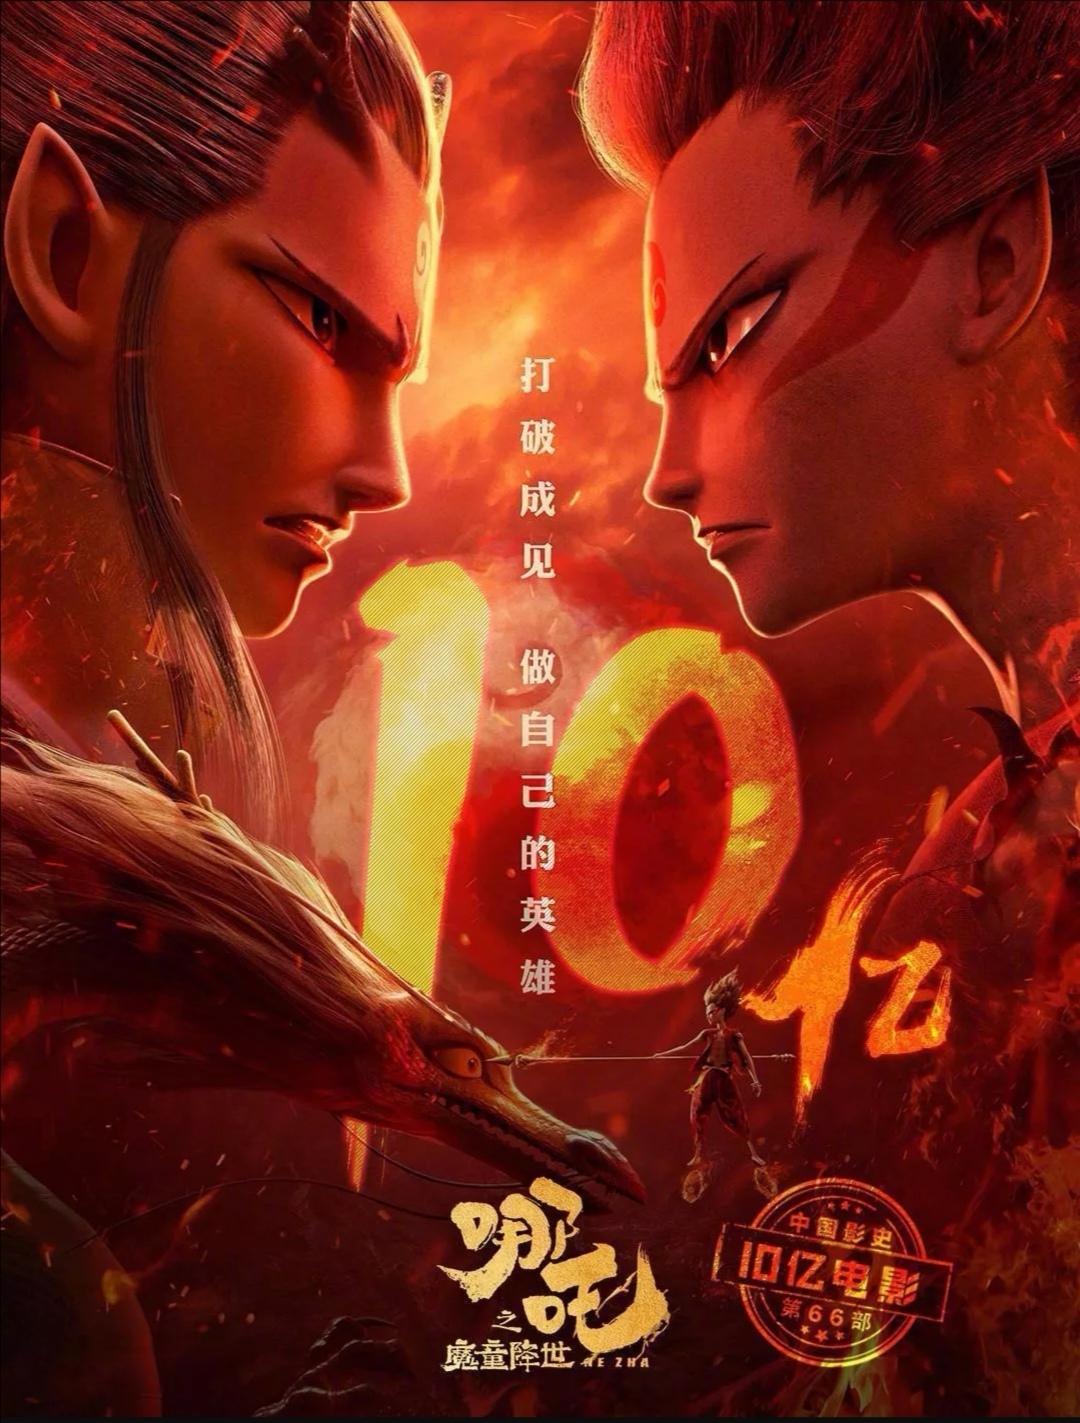 5天打破国产动画票房纪录,《哪吒》导演饺子:好故事是逼出来的